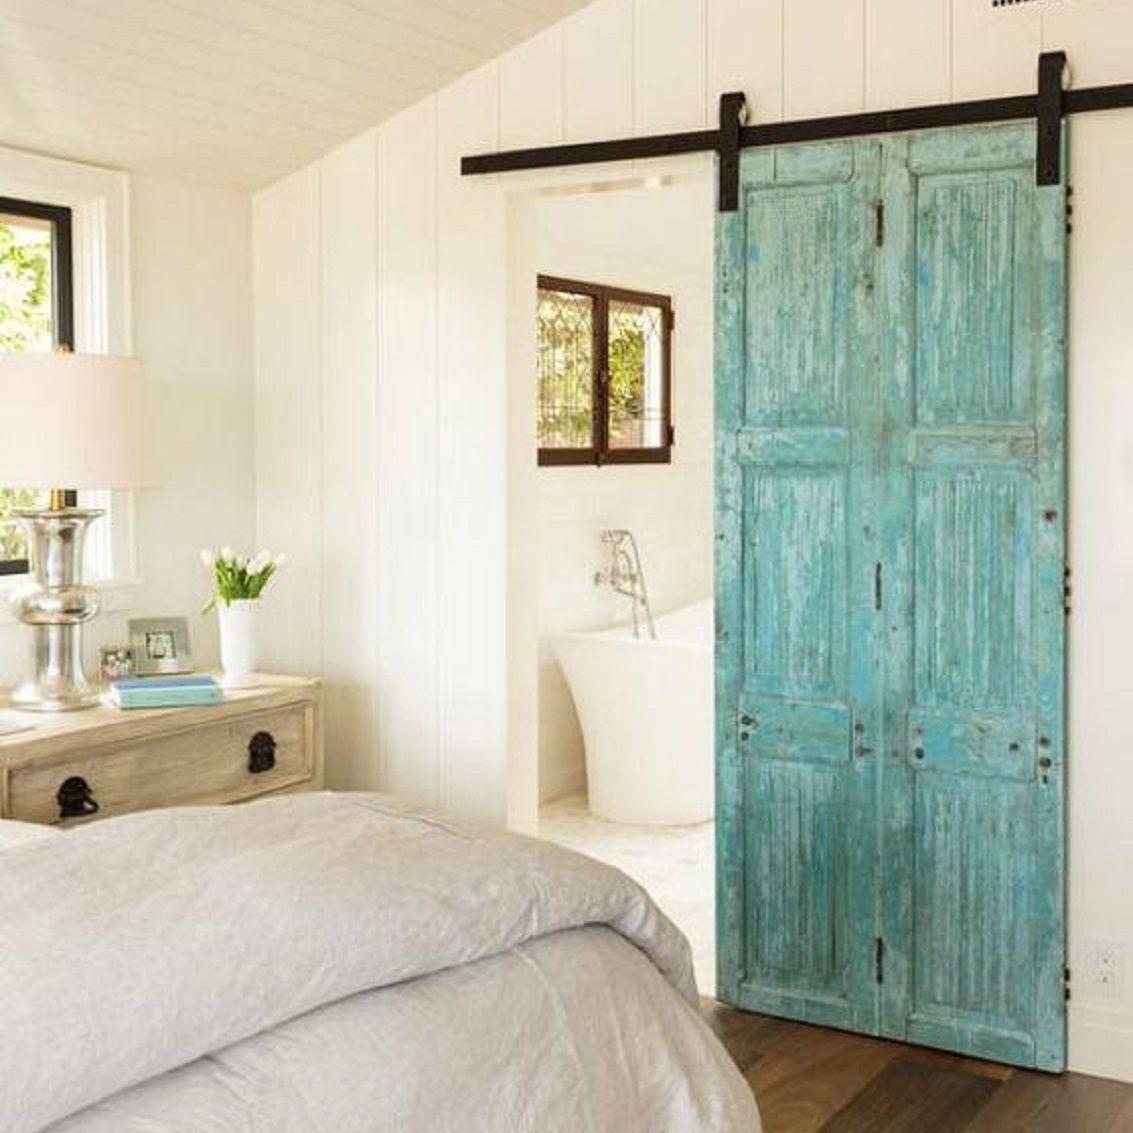 barn door in bedroom